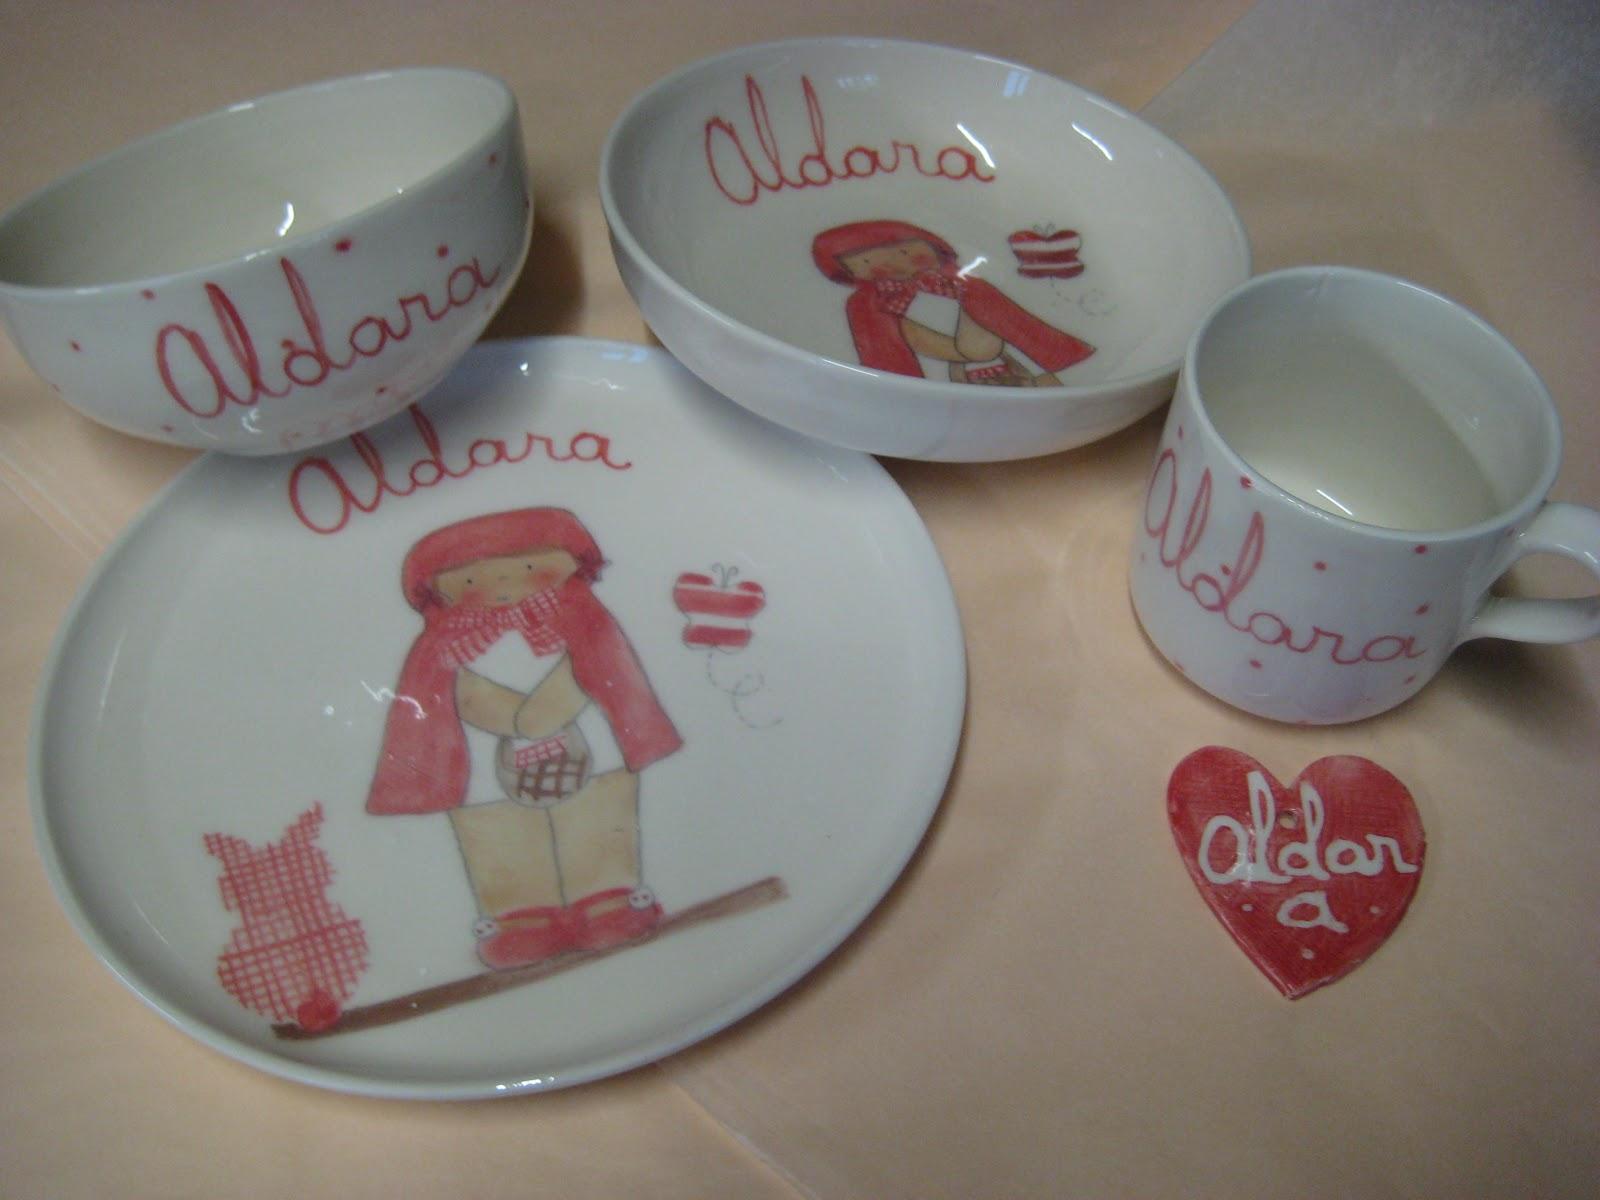 vajillas infantiles personalizadas artesanales pintadas